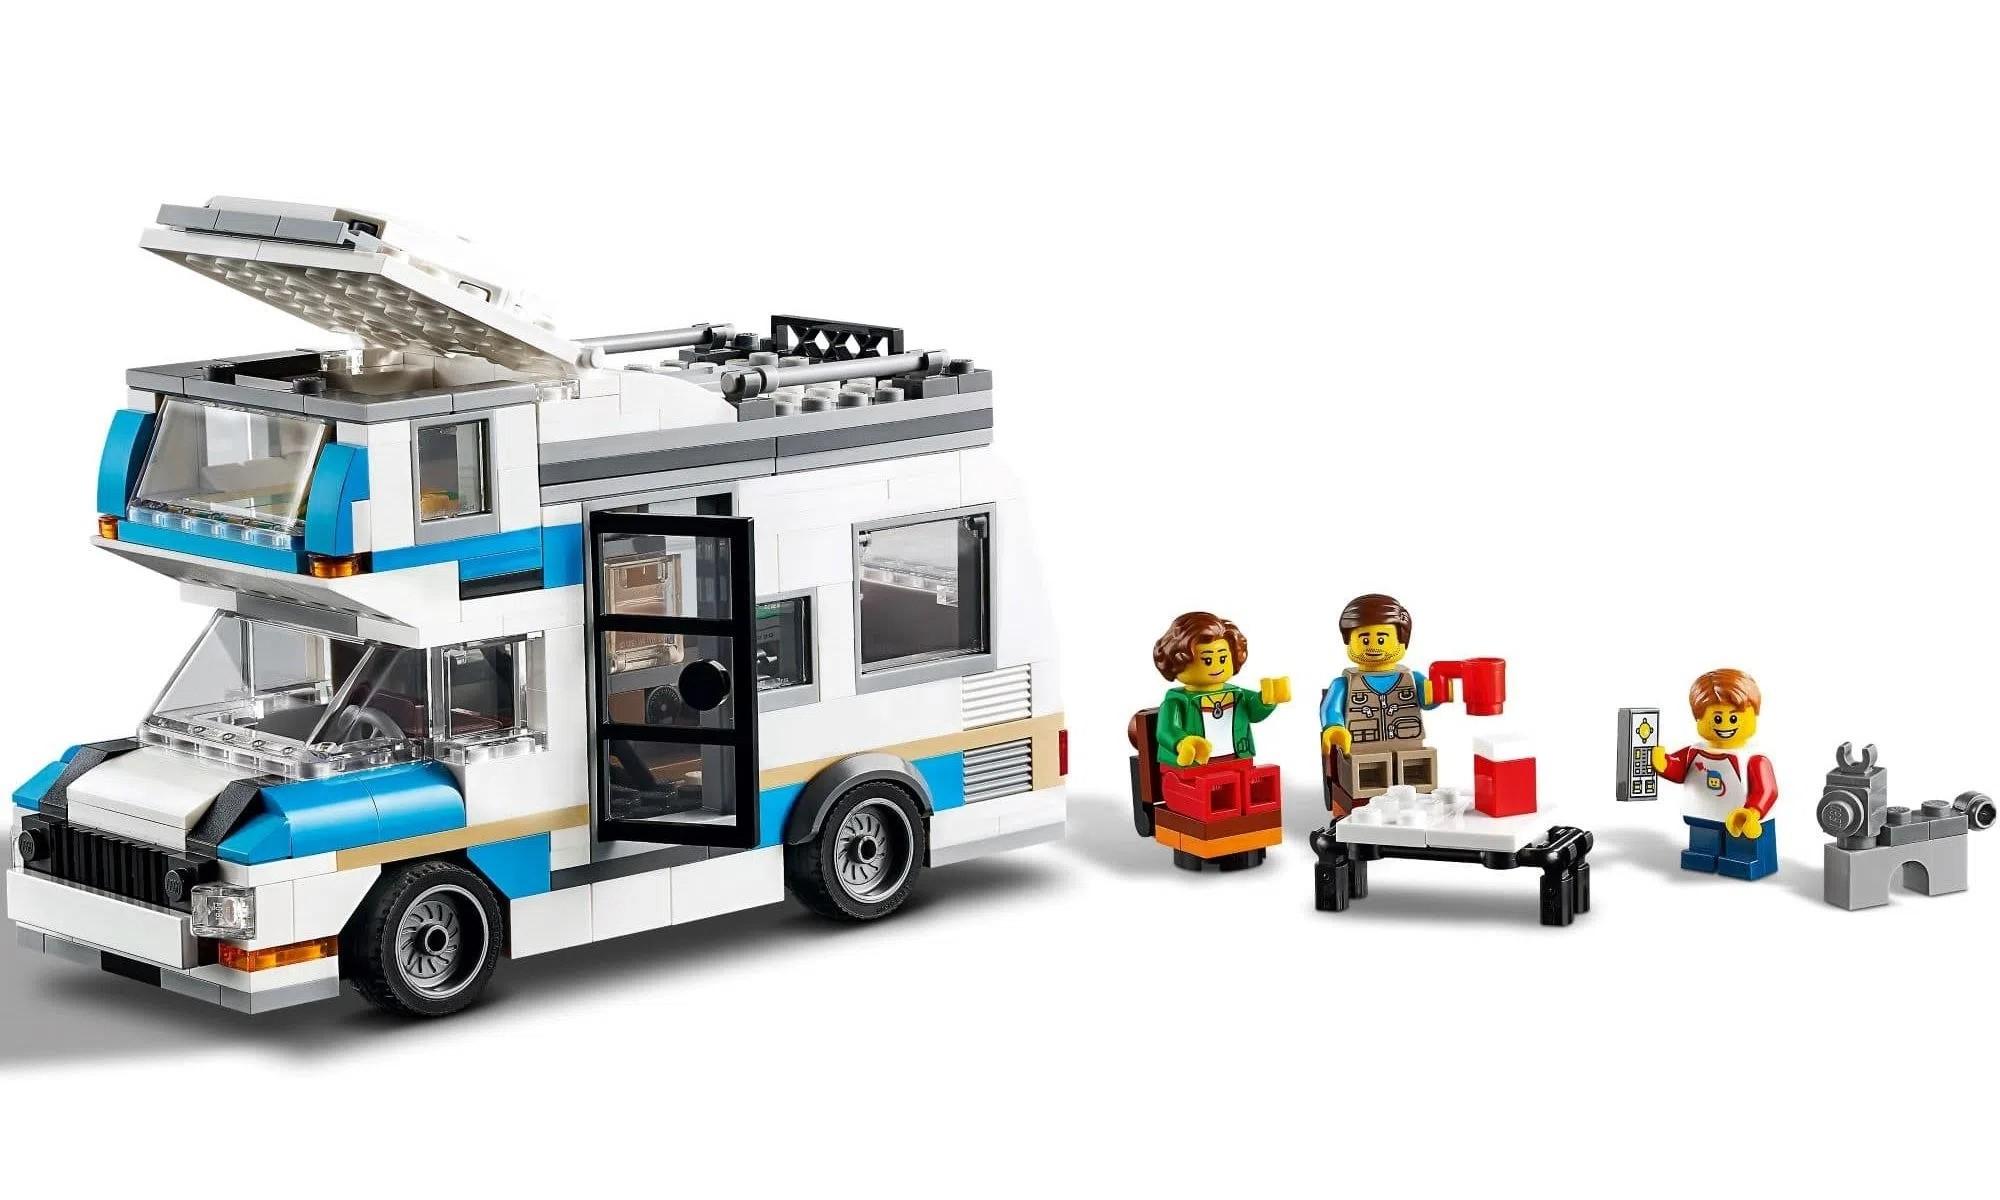 LEGO Creator - Modelo 3 Em 1: Férias em Família no Trailer 31108